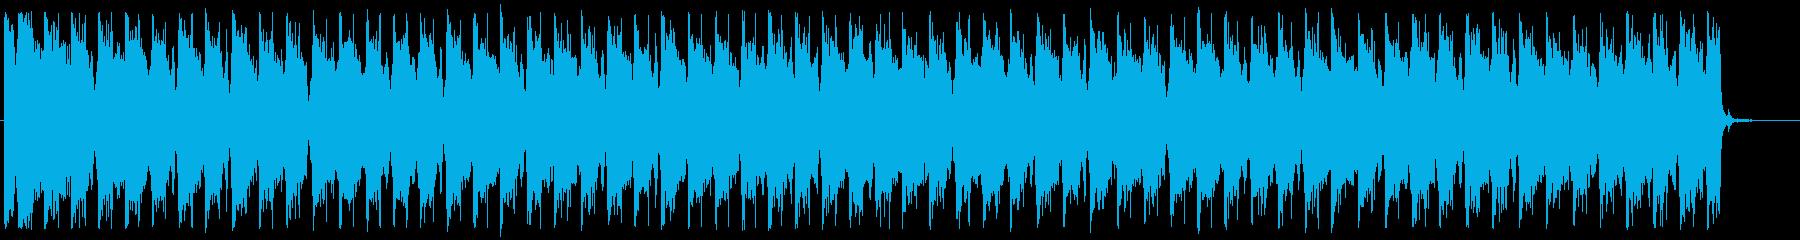 キラキラしたエレクトロ_No645_4の再生済みの波形